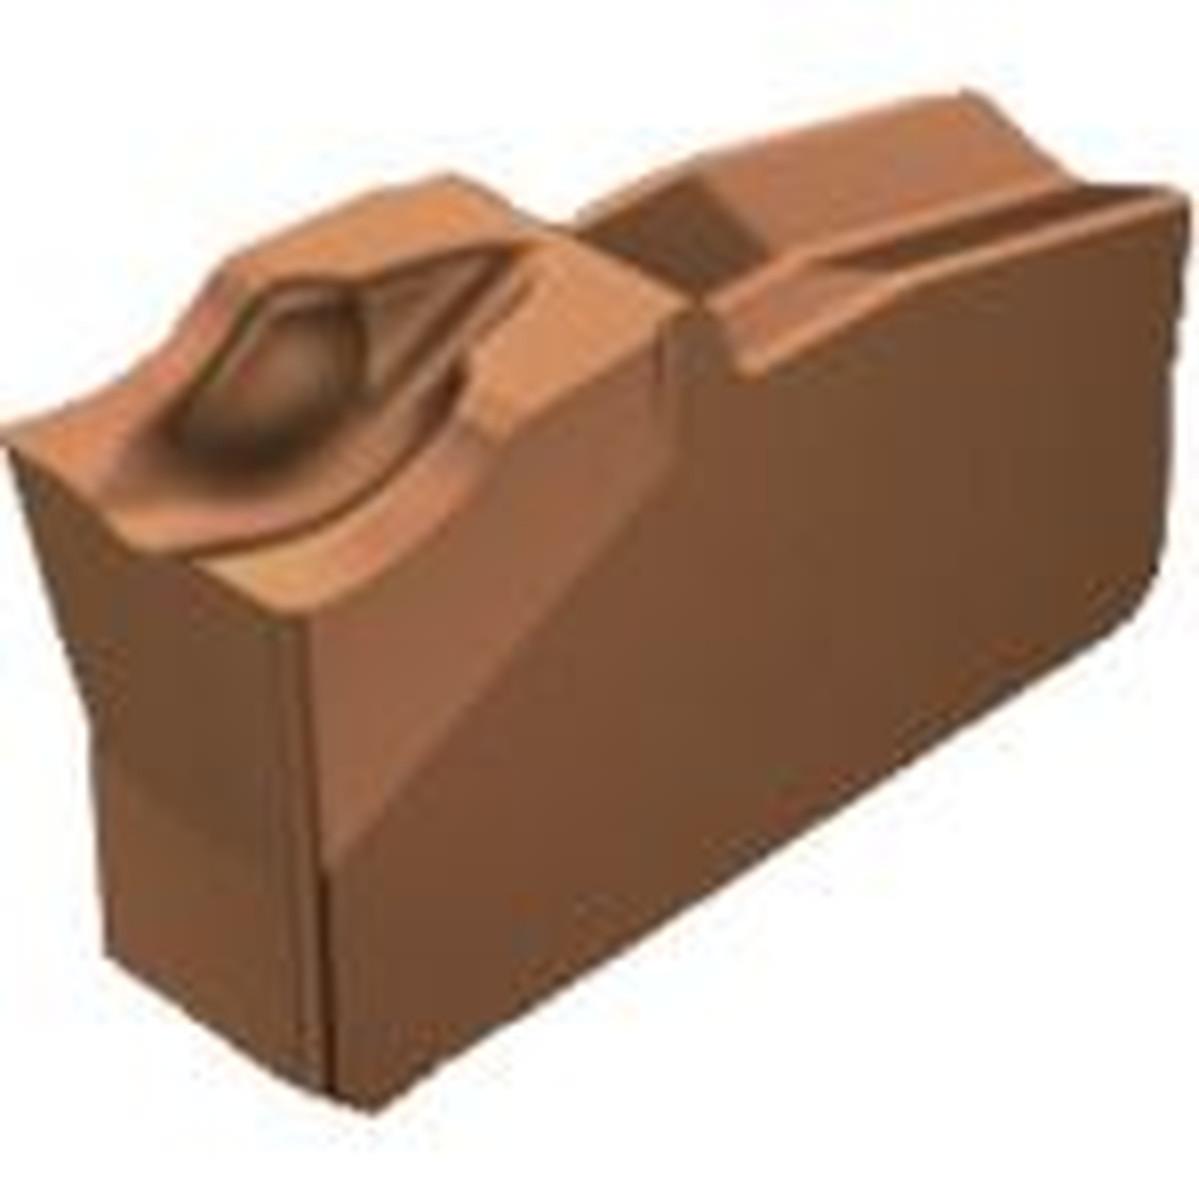 愛用  サンドビック T-Max 1125 Q-カット 突切り Q−カット・溝入れチップ 1125 突切り・溝入れチップ 10個, クツキムラ:e7bad789 --- promotime.lt